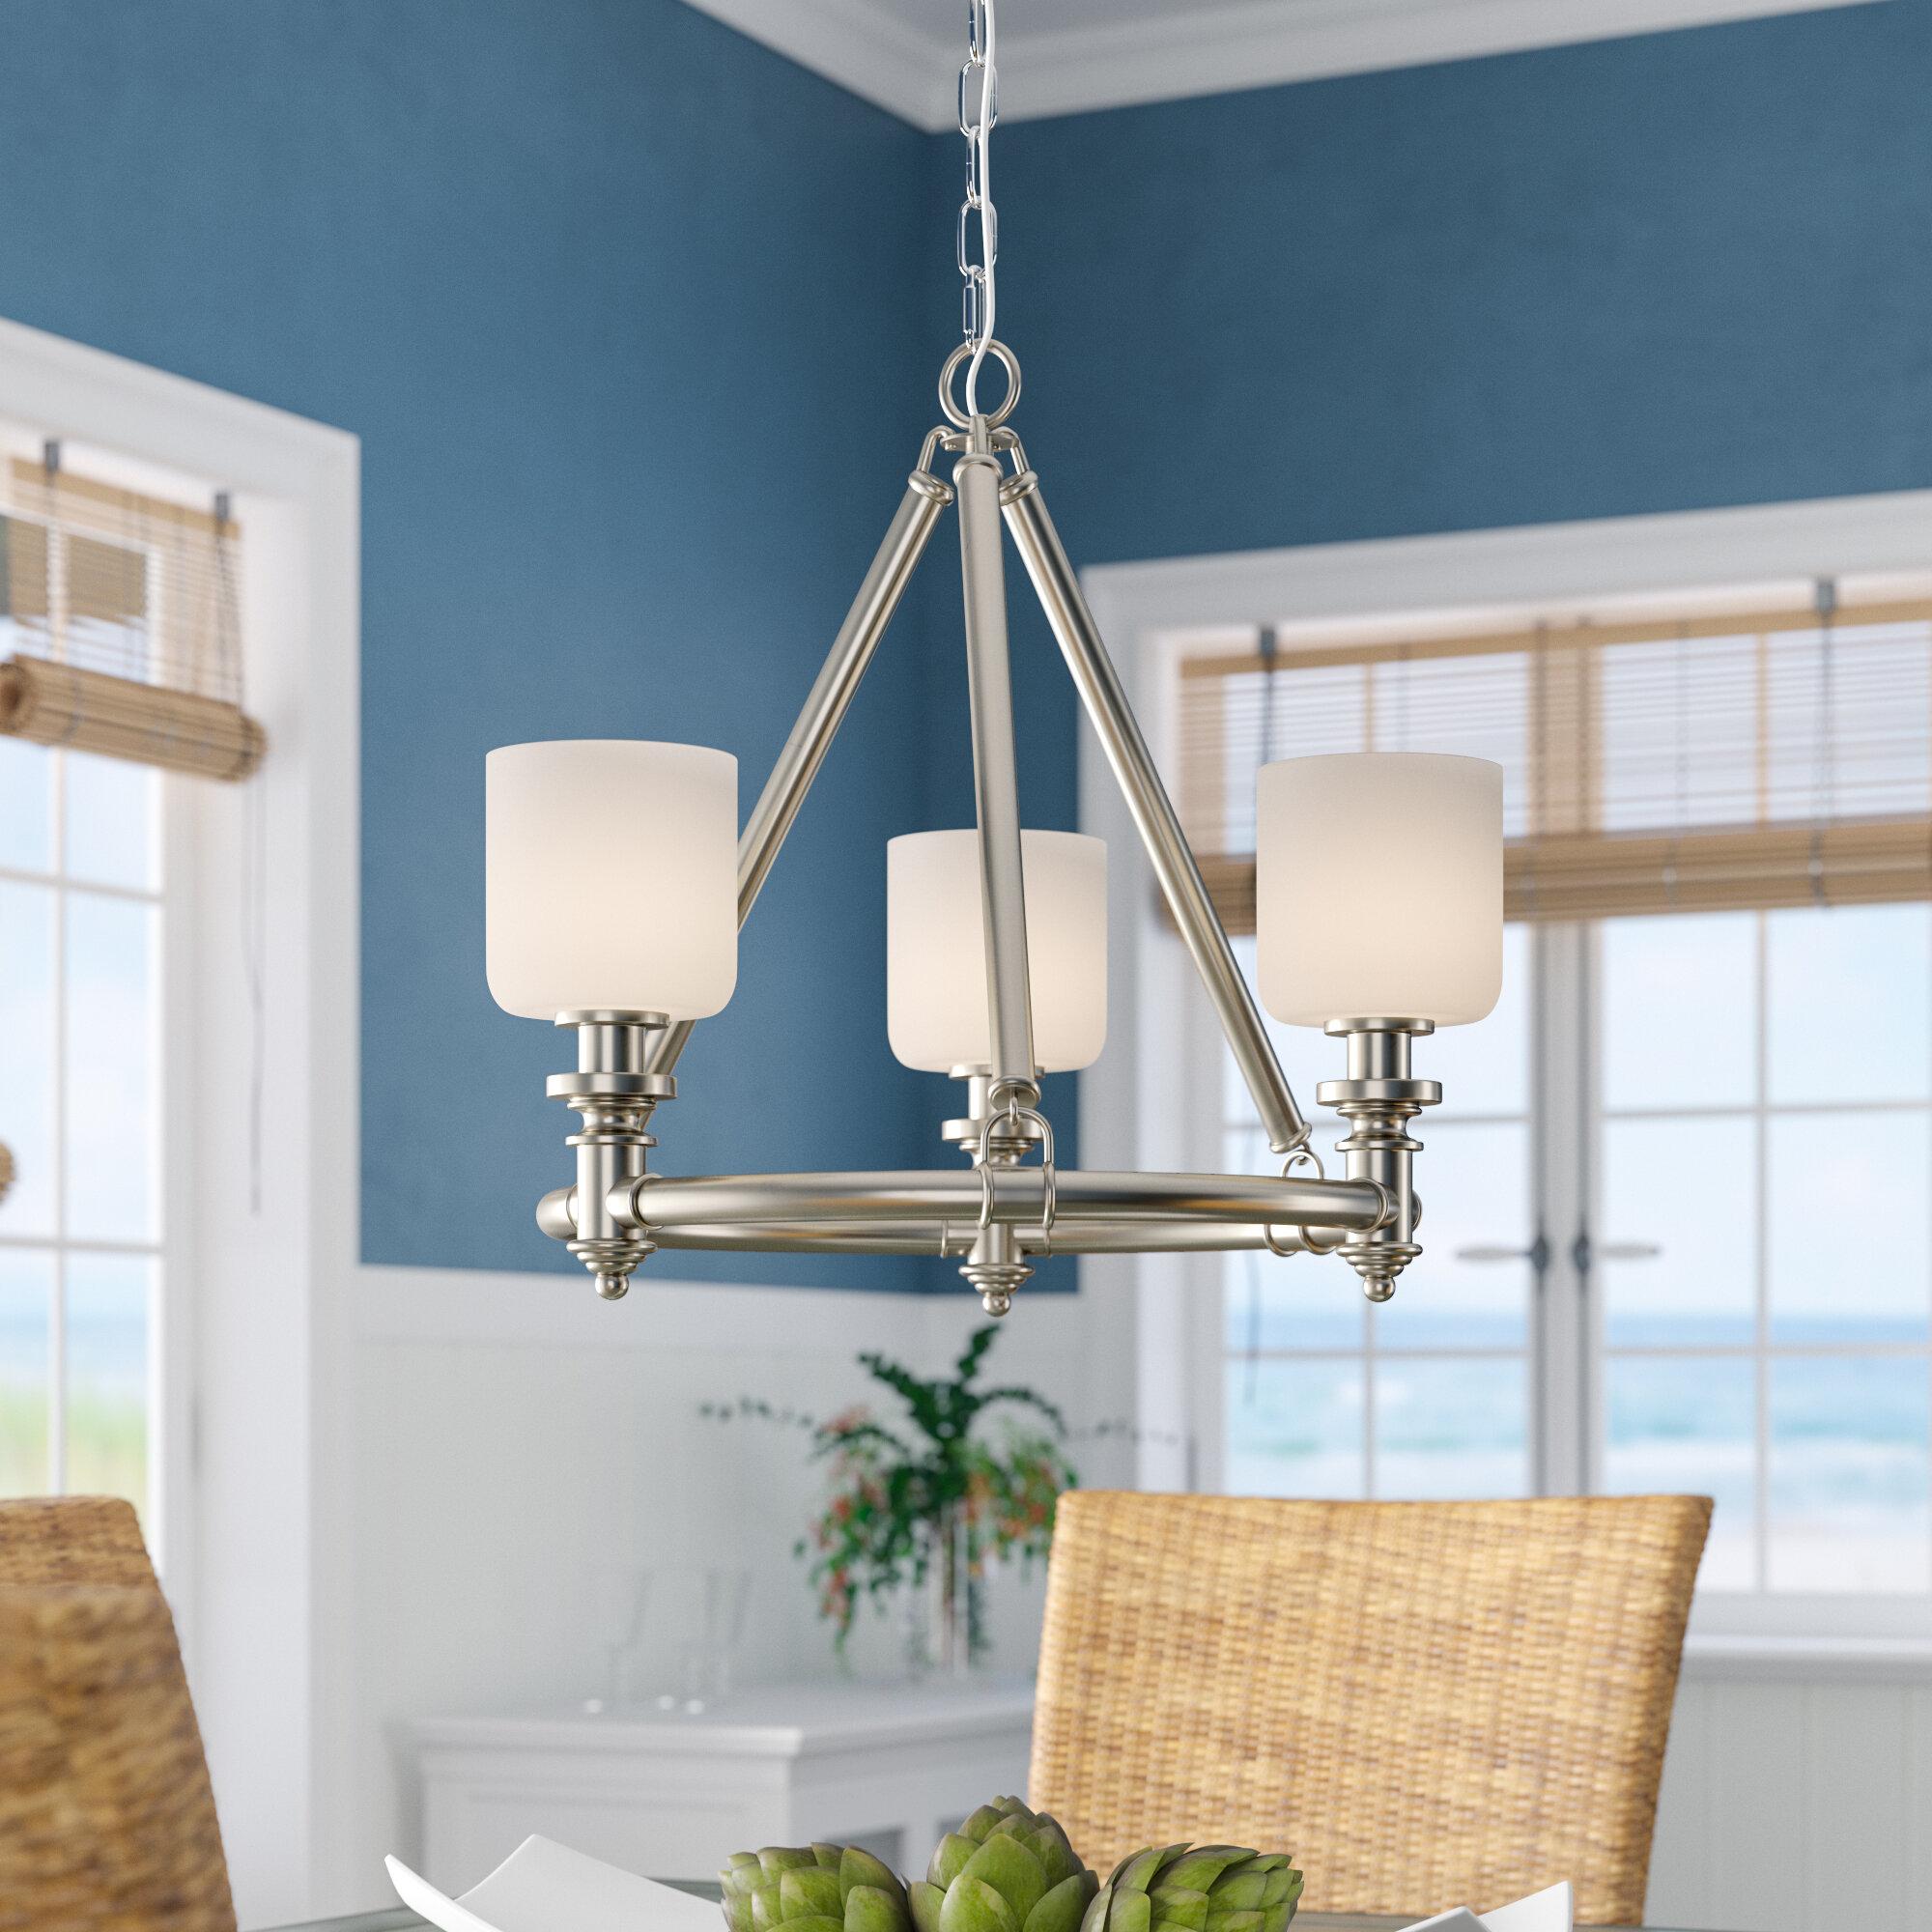 Beachcrest home mummert 3 light wagon wheel chandelier reviews wayfair